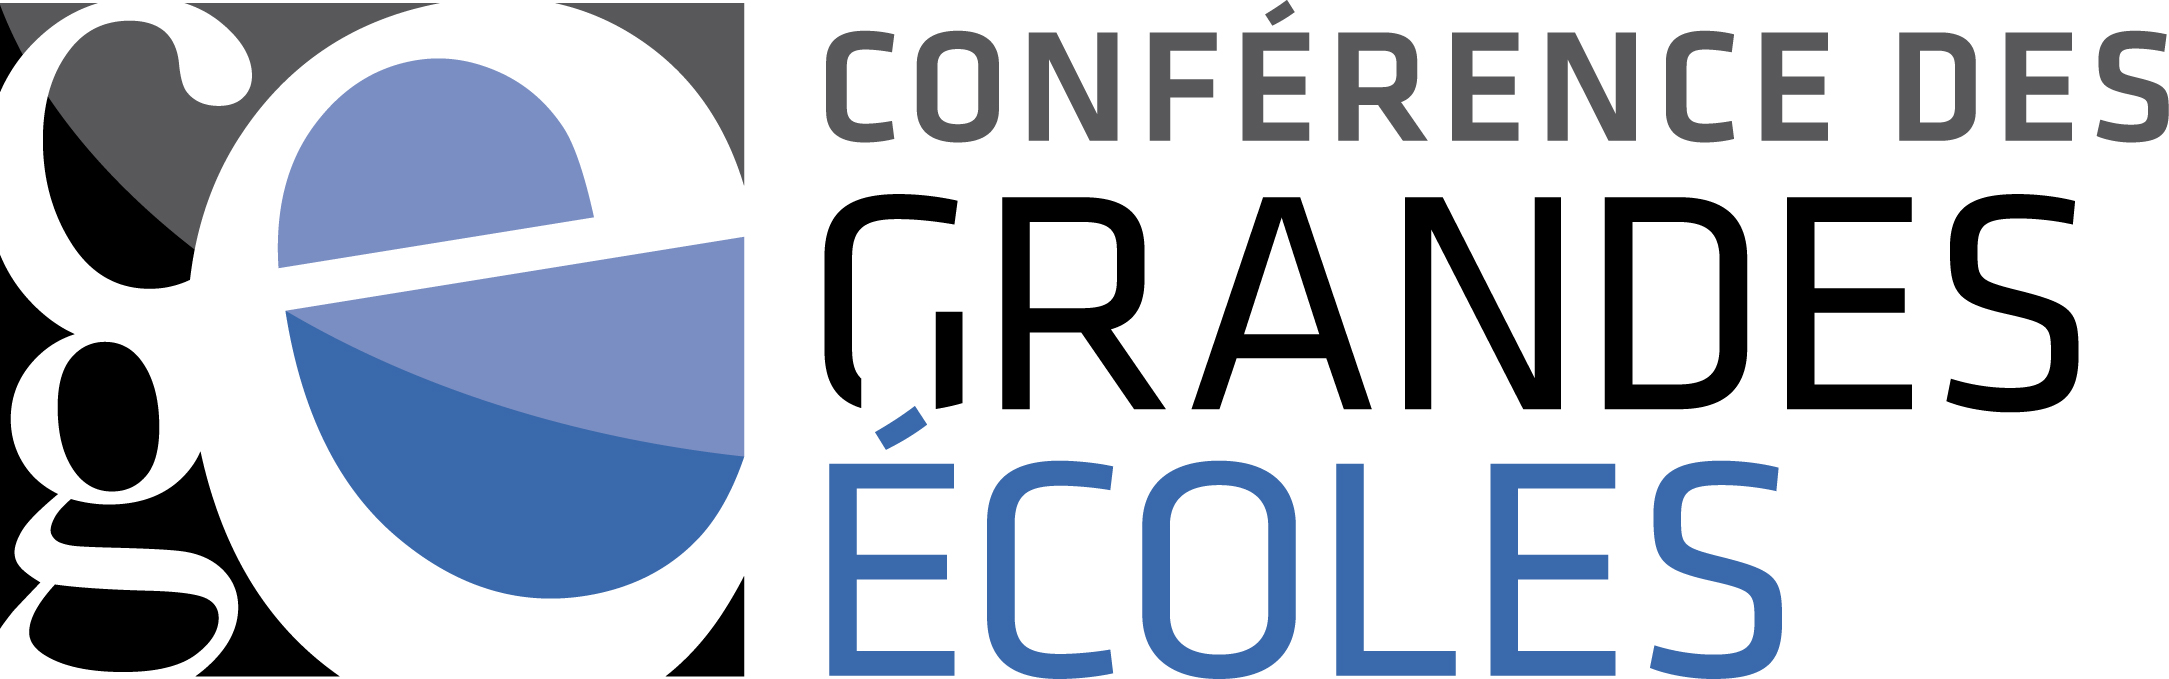 25 nouveaux Mastères Spécialisés (MS) et 7 MSc accrédités pour 2012-2013 par la Conférence des Grandes Ecoles (CGE)